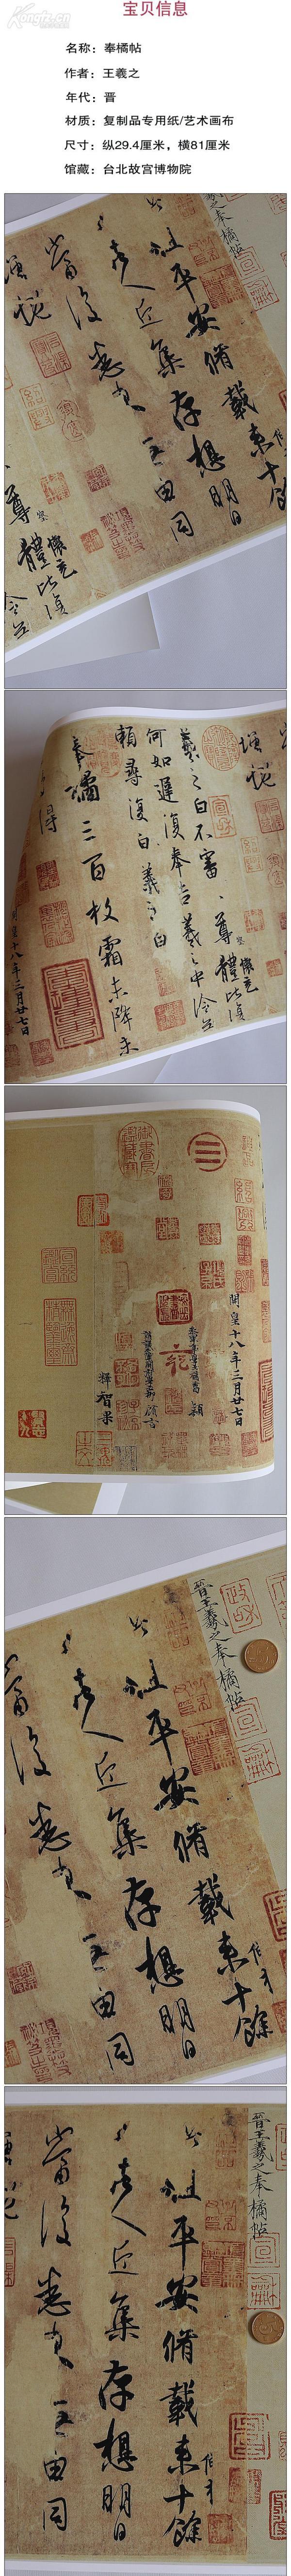 台北故宫何如奉橘三贴复制品,原大宣纸可以装表。